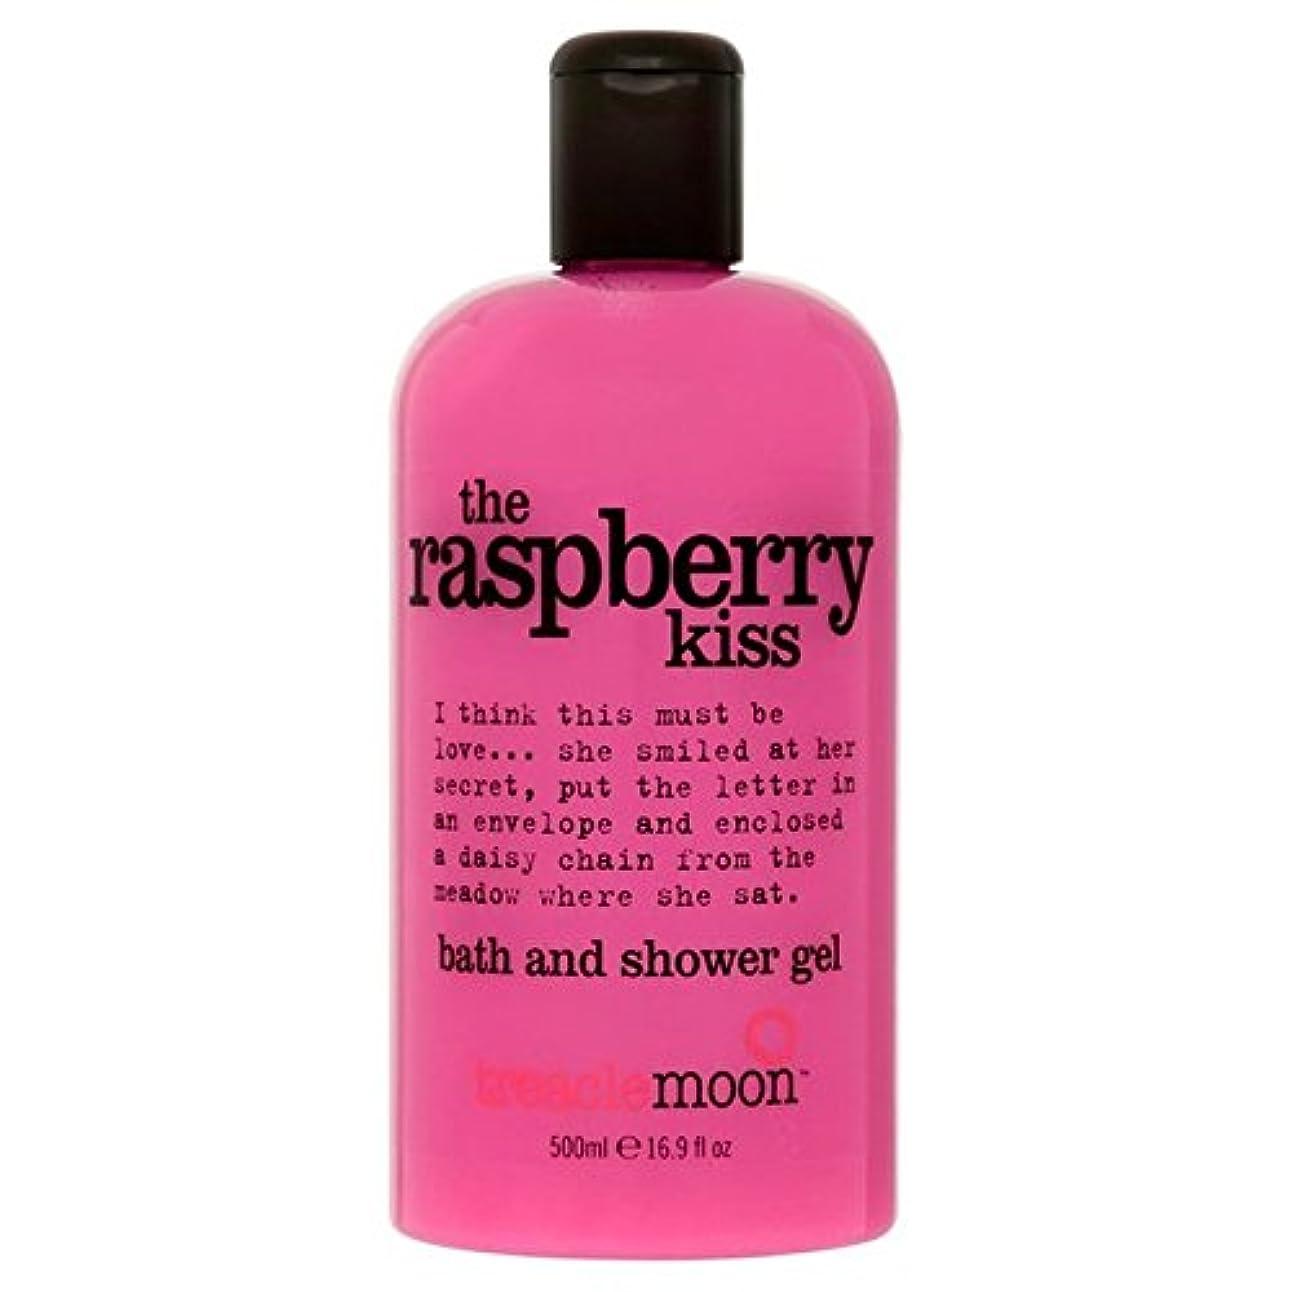 塩辛い挨拶危険にさらされている糖蜜ムーンラズベリーバス&シャワージェル500ミリリットル x4 - Treacle Moon Raspberry Bath & Shower Gel 500ml (Pack of 4) [並行輸入品]